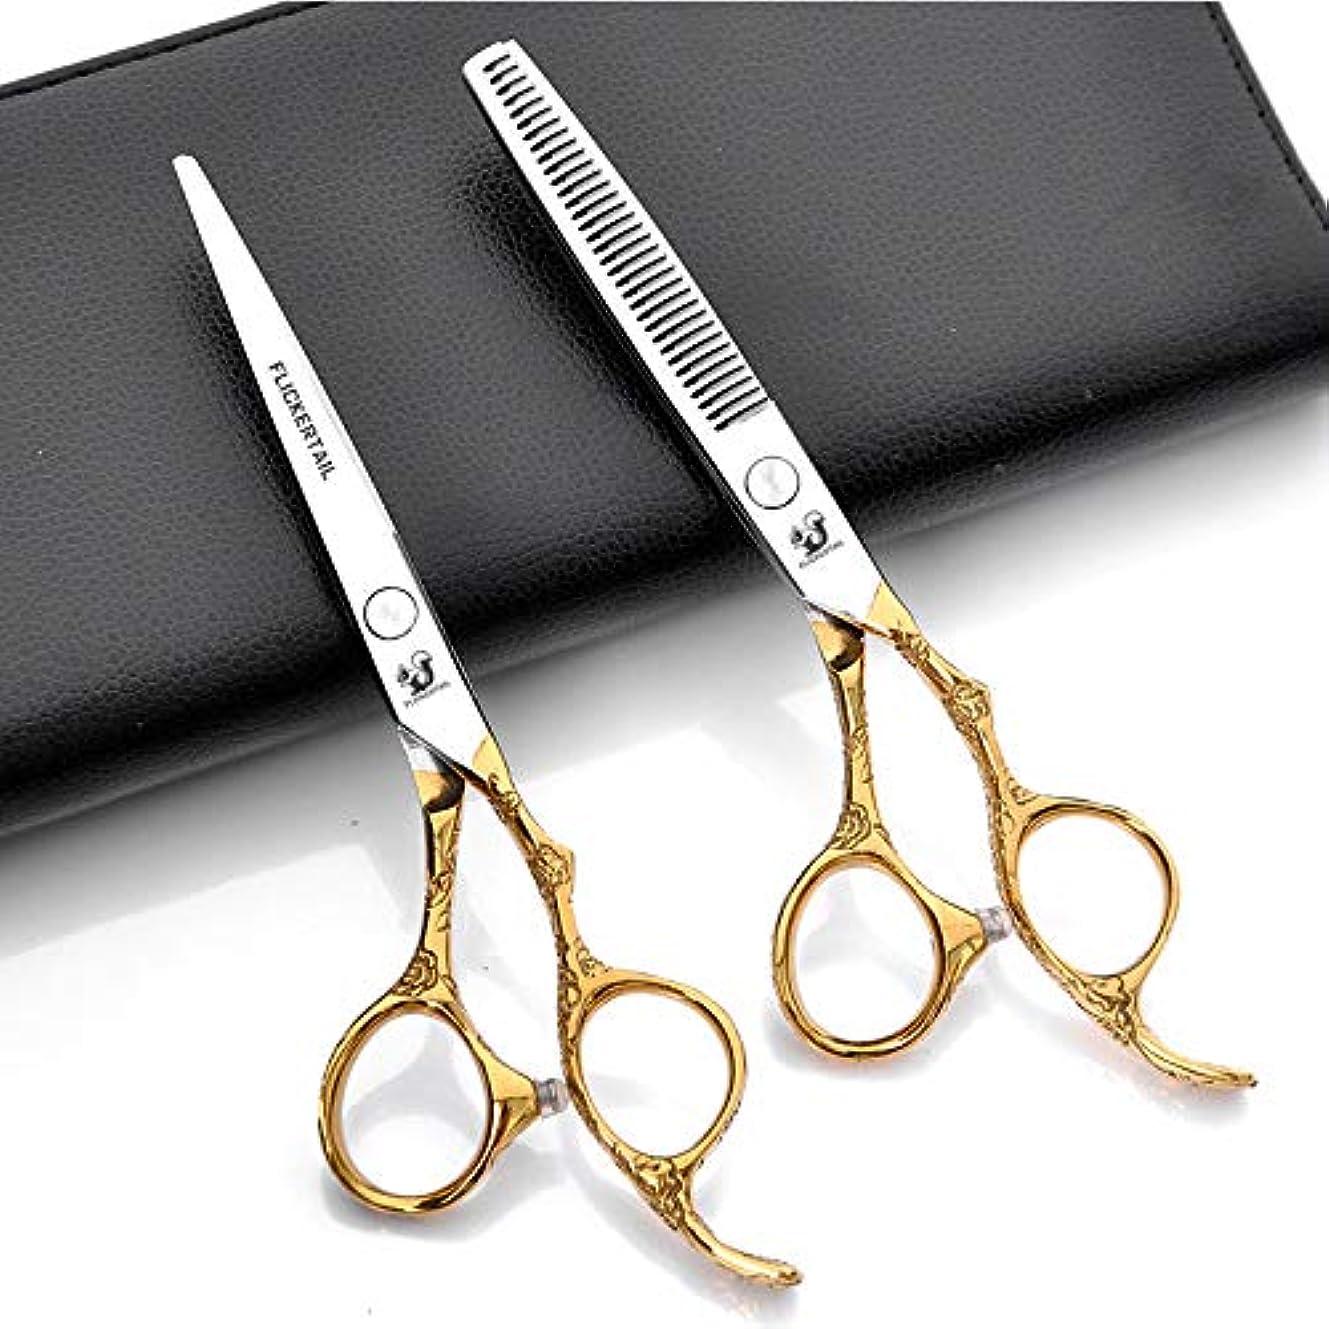 運営韓国用量6インチのヘアカットはさみ、プロの美容安全はさみ、ステンレス鋼440 C高級素材理髪はさみ